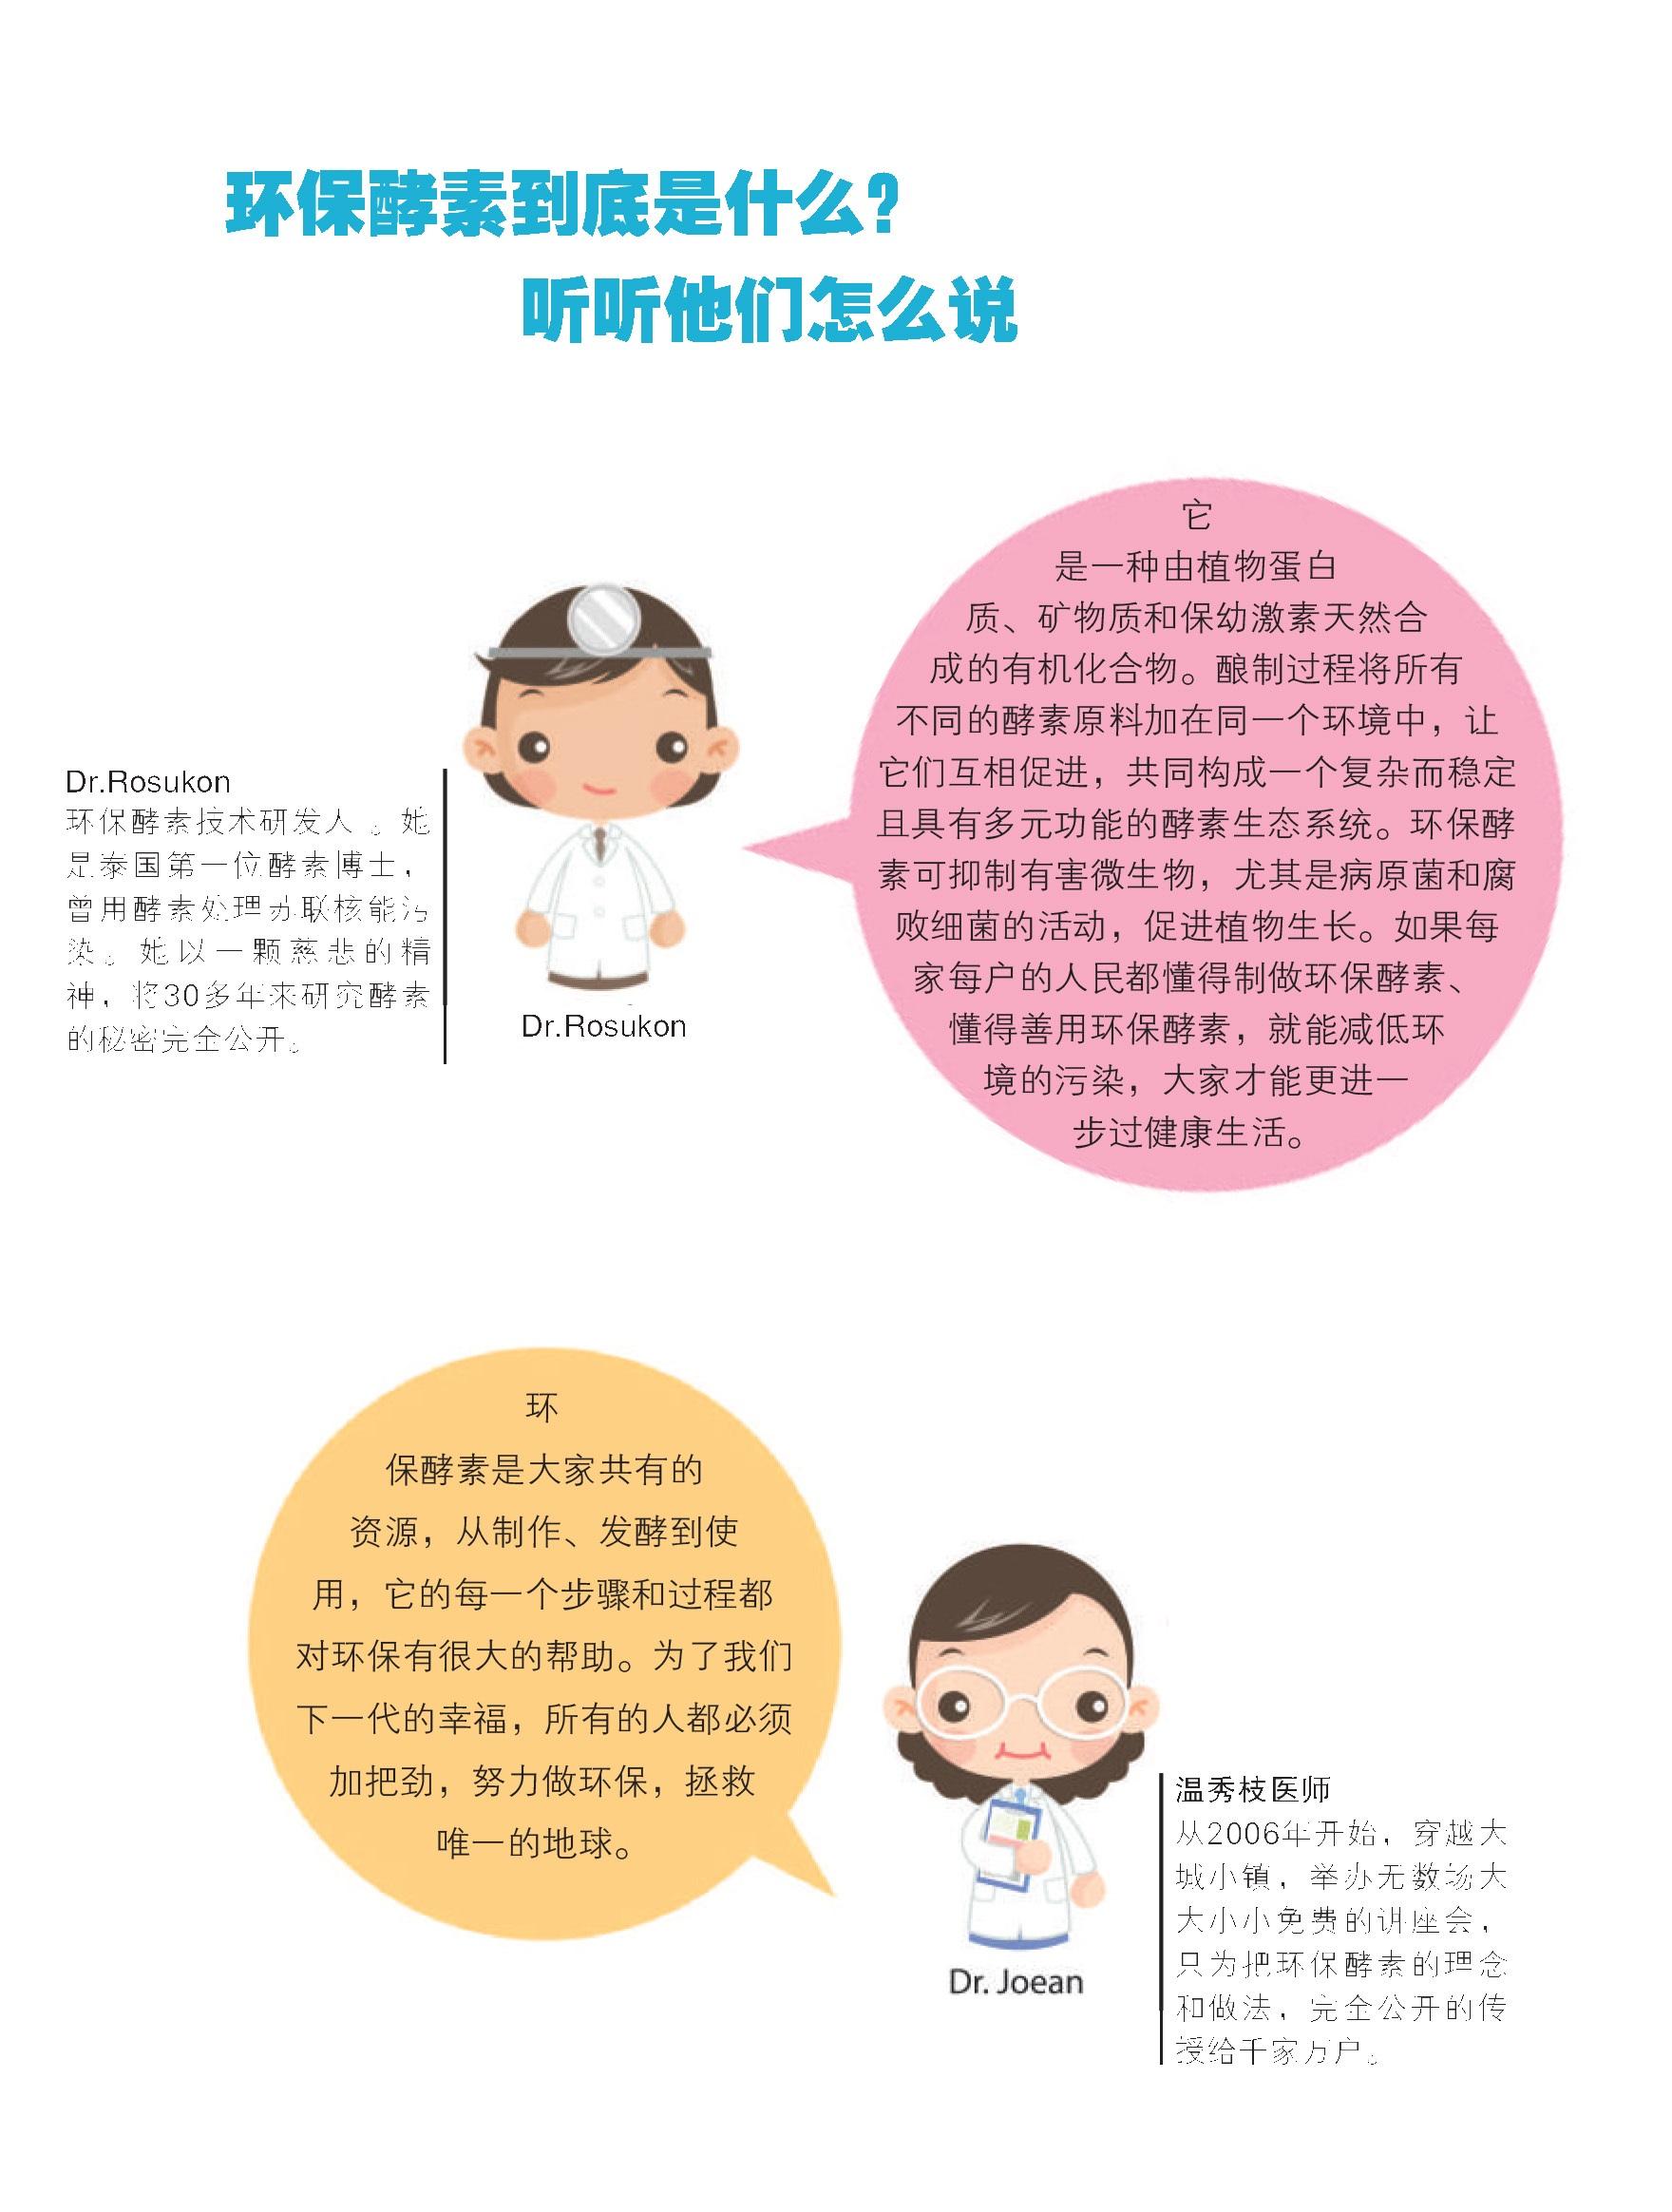 環保酵素手冊(A5) Dr. Ros and Dr. Oon1